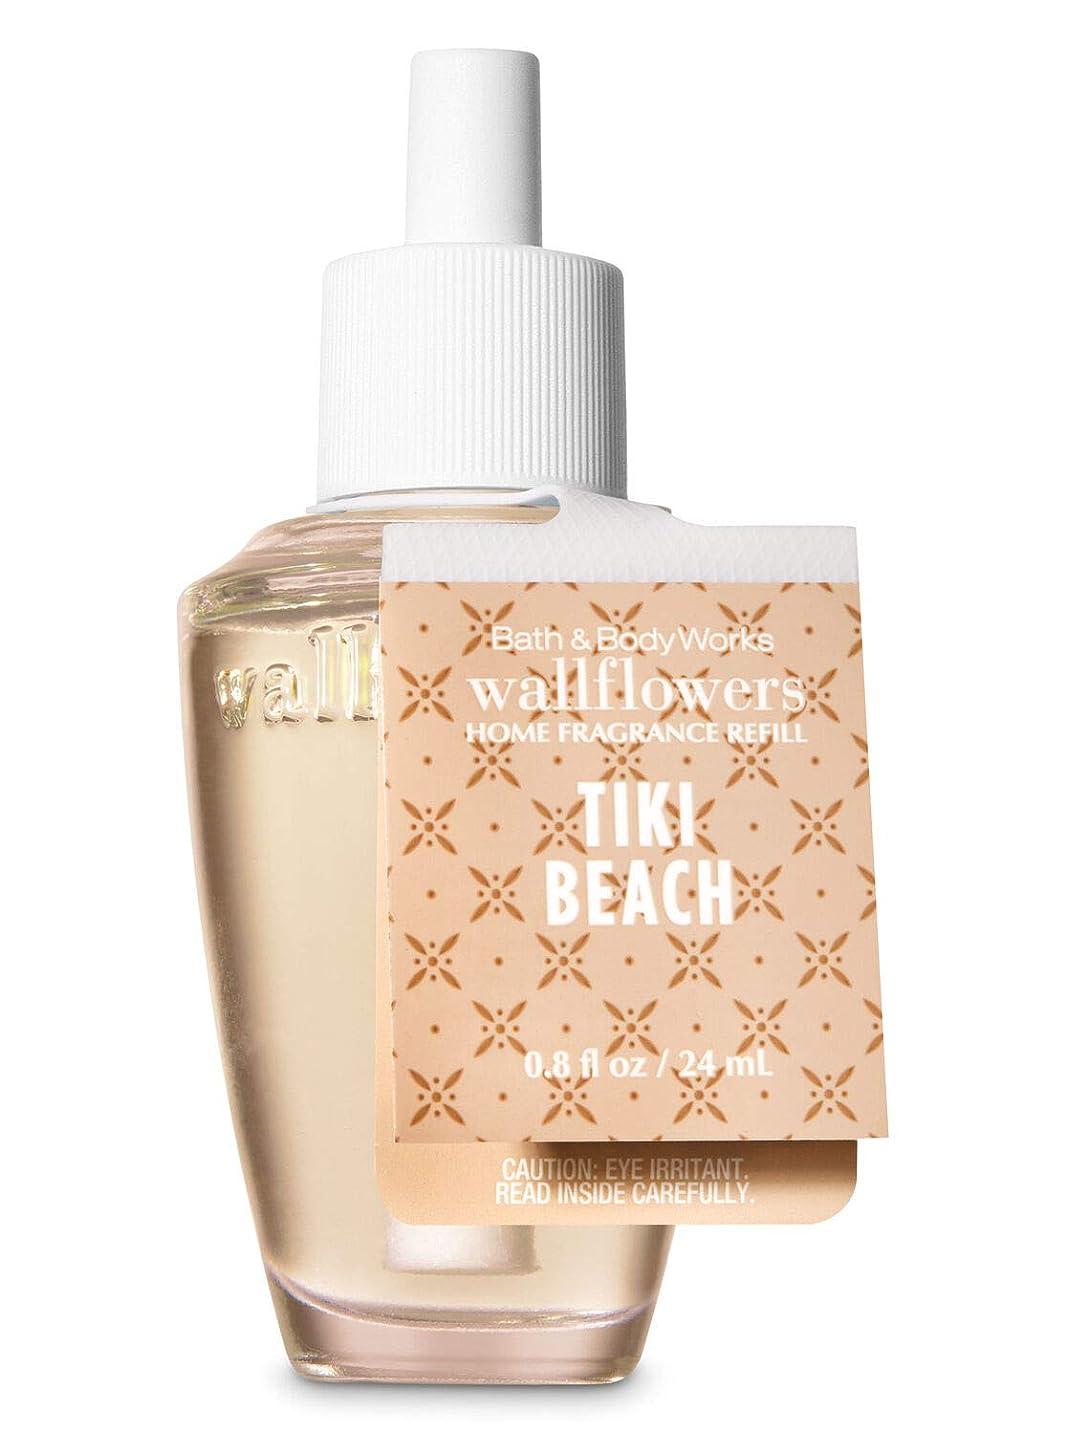 証明するフラッシュのように素早く暴露【Bath&Body Works/バス&ボディワークス】 ルームフレグランス 詰替えリフィル ティキビーチ Wallflowers Home Fragrance Refill Tiki Beach [並行輸入品]